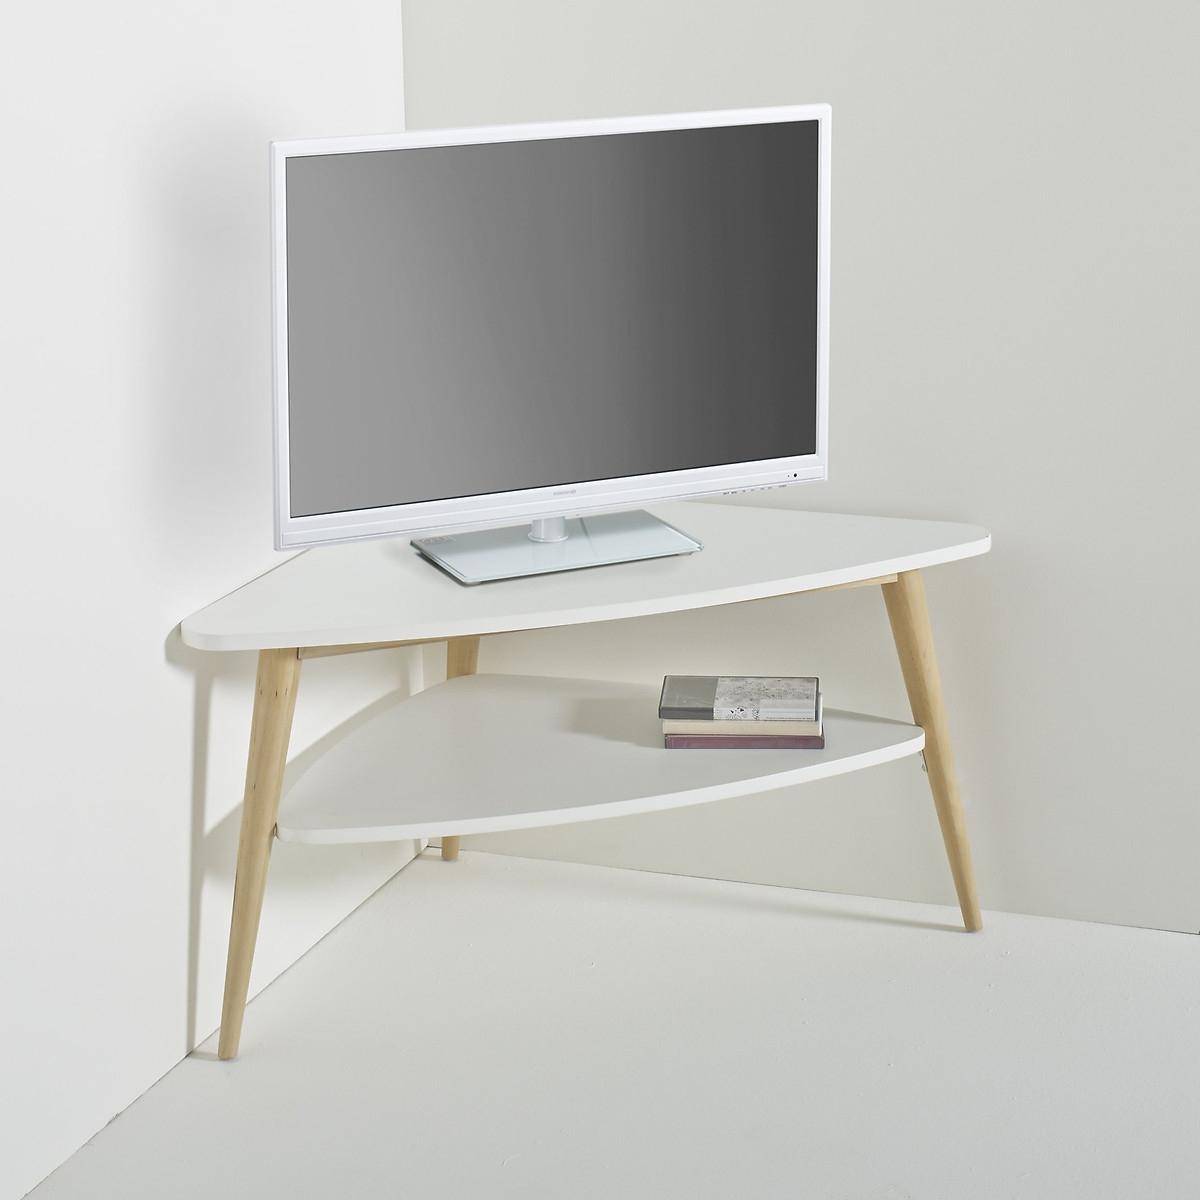 Тумба LaRedoute Под телевизор в винтажном стиле с двумя полками Jimi единый размер белый тумбы под телевизор